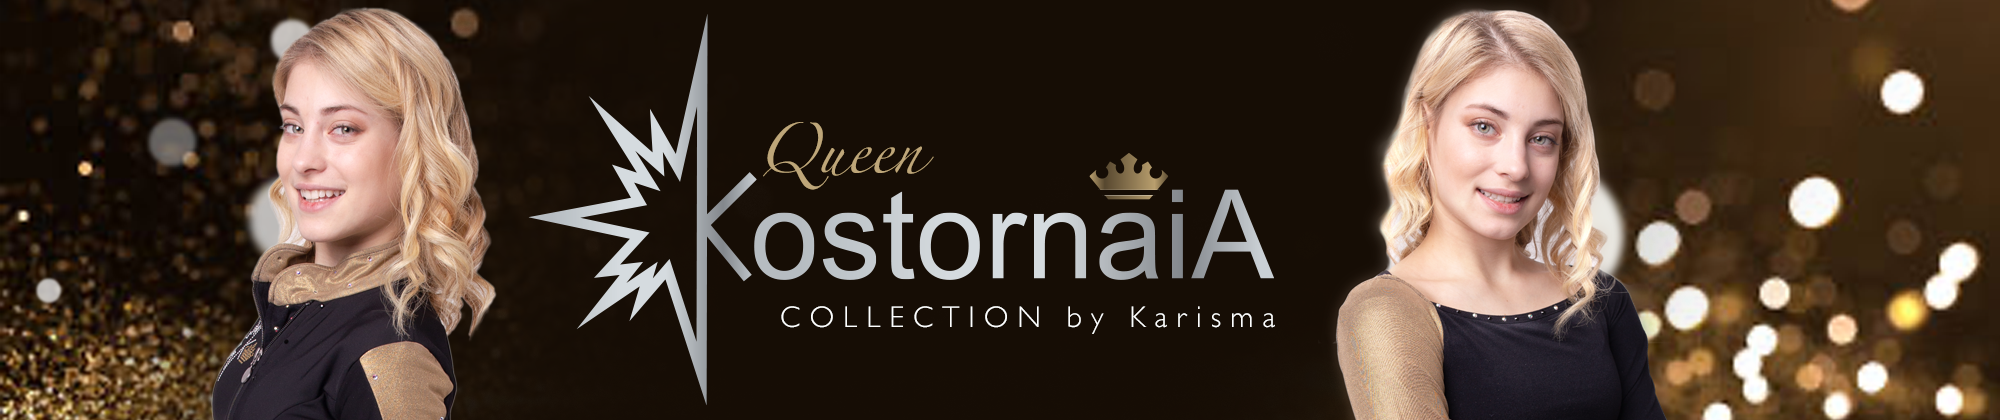 Banner Queen Kostornaia Collection